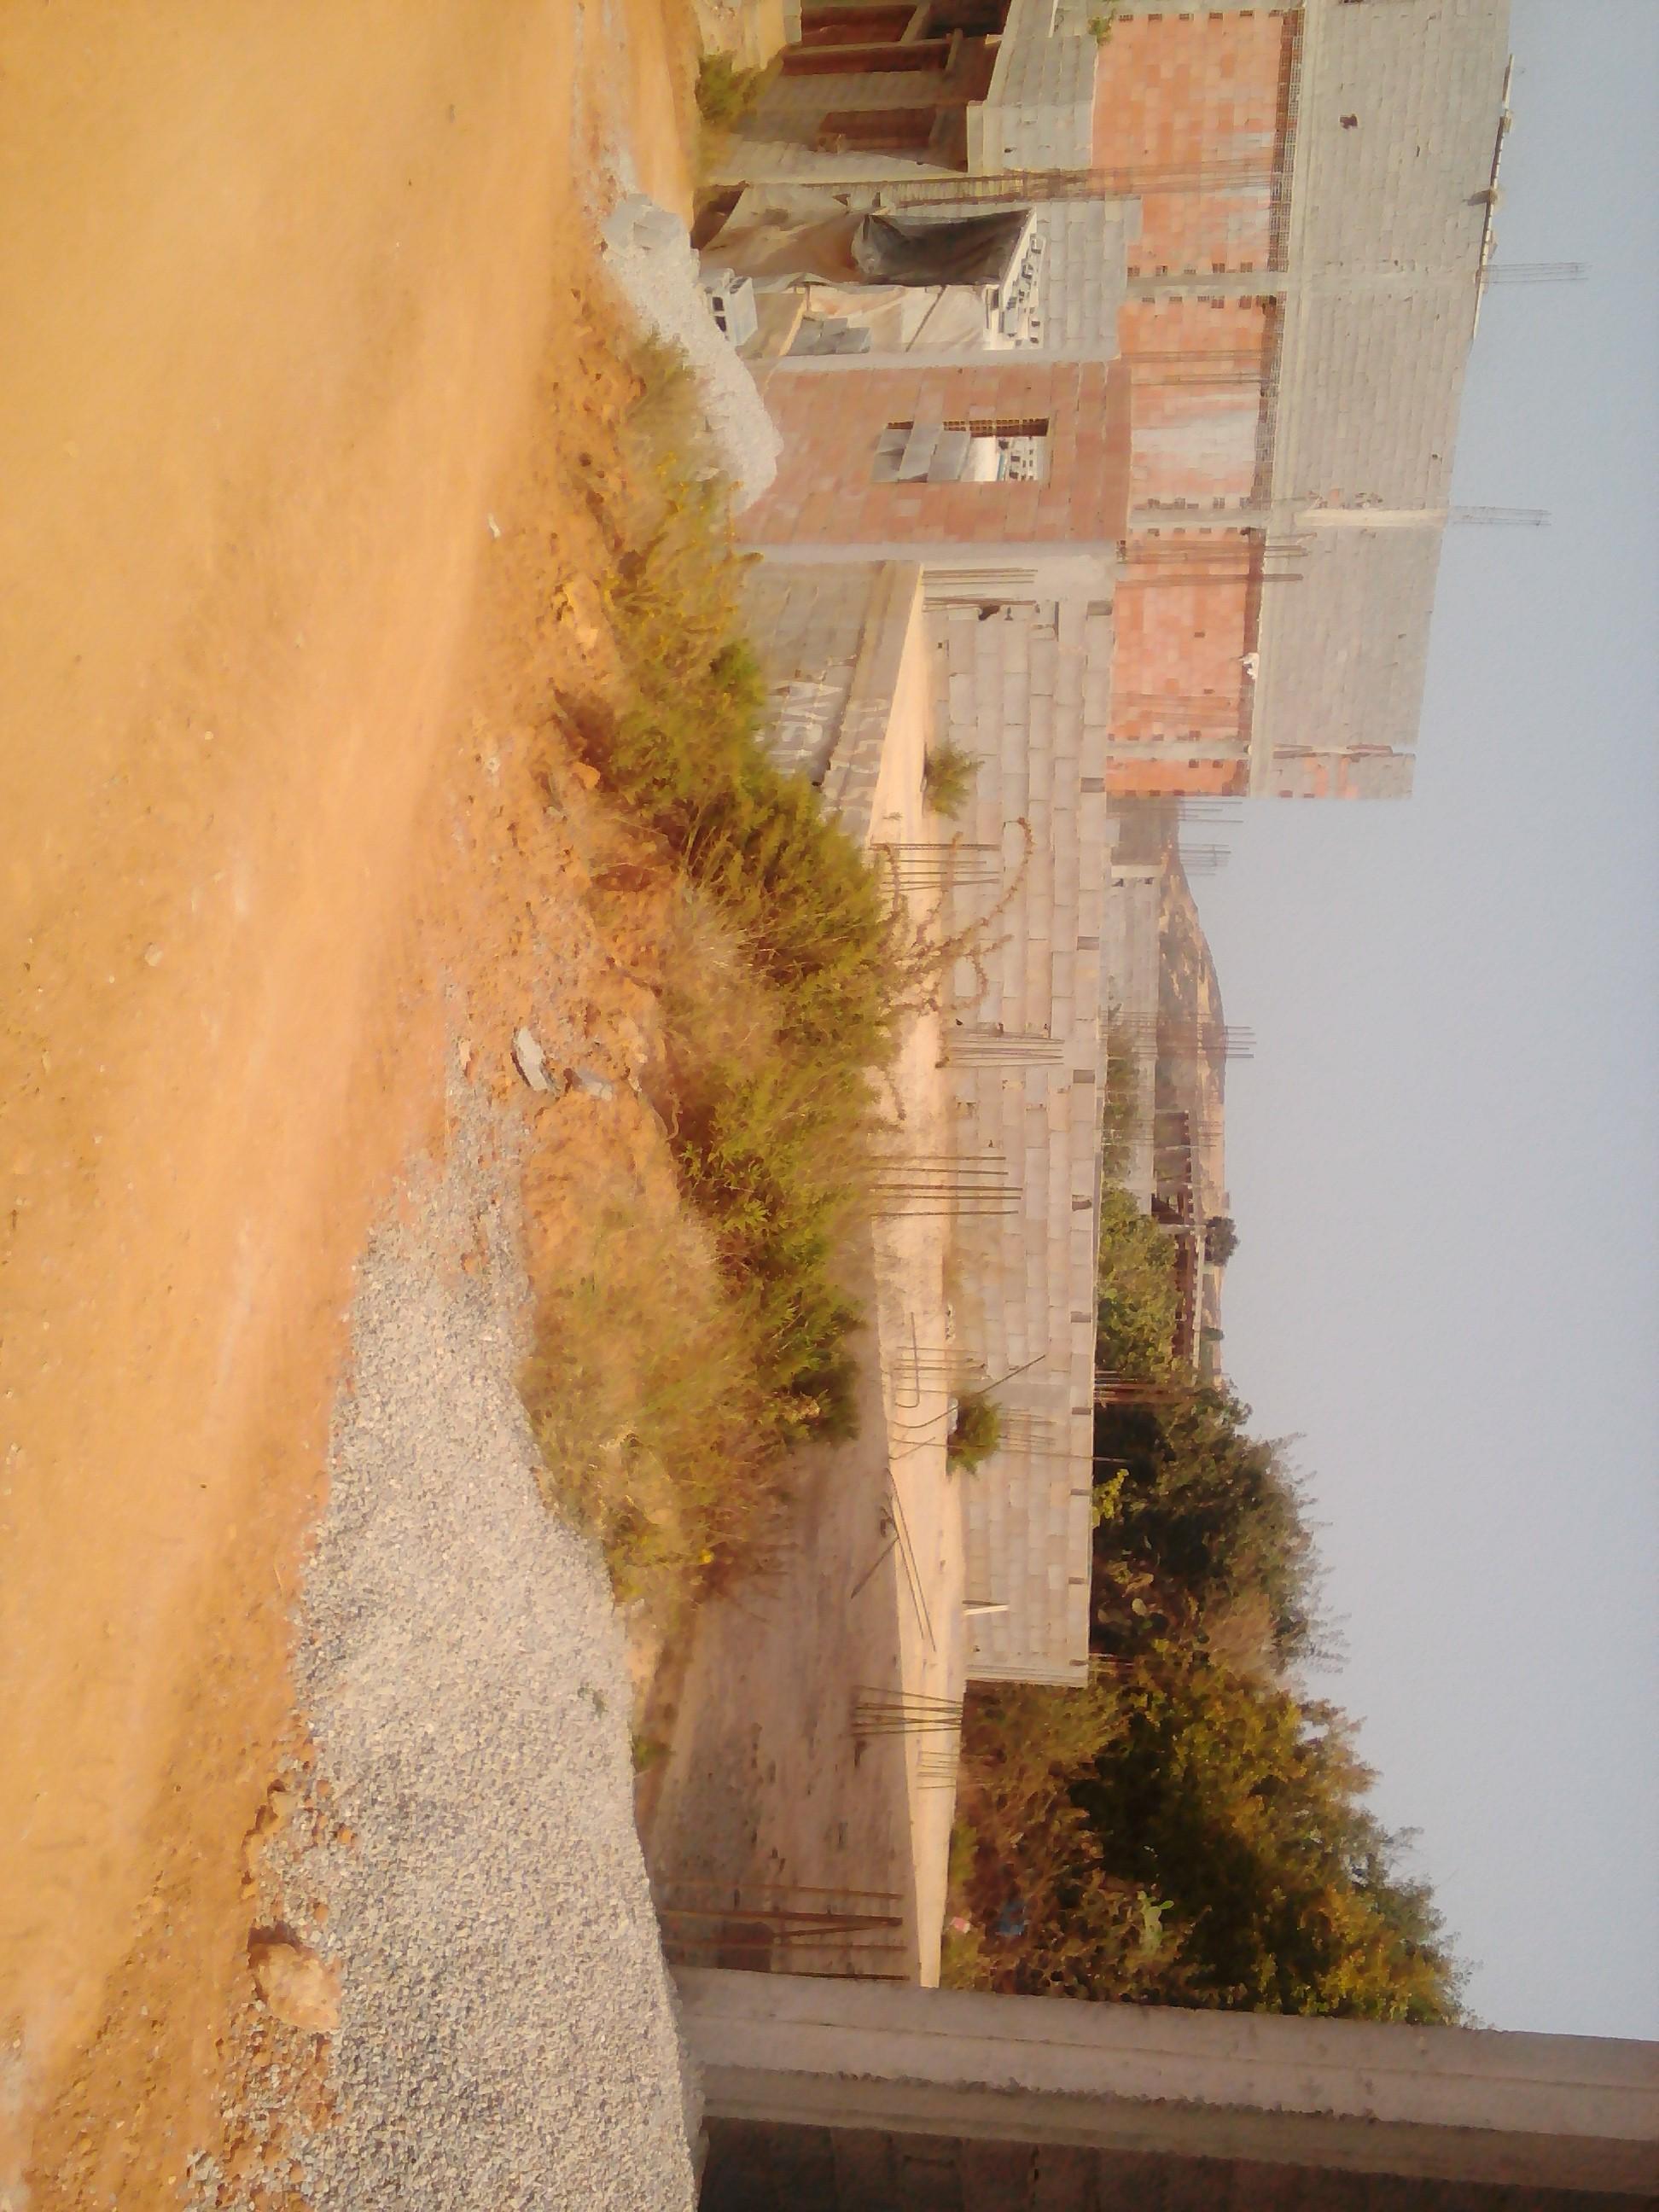 avendre un terrain avec plate forme a la wilaya de ain temoucent ouedkniss